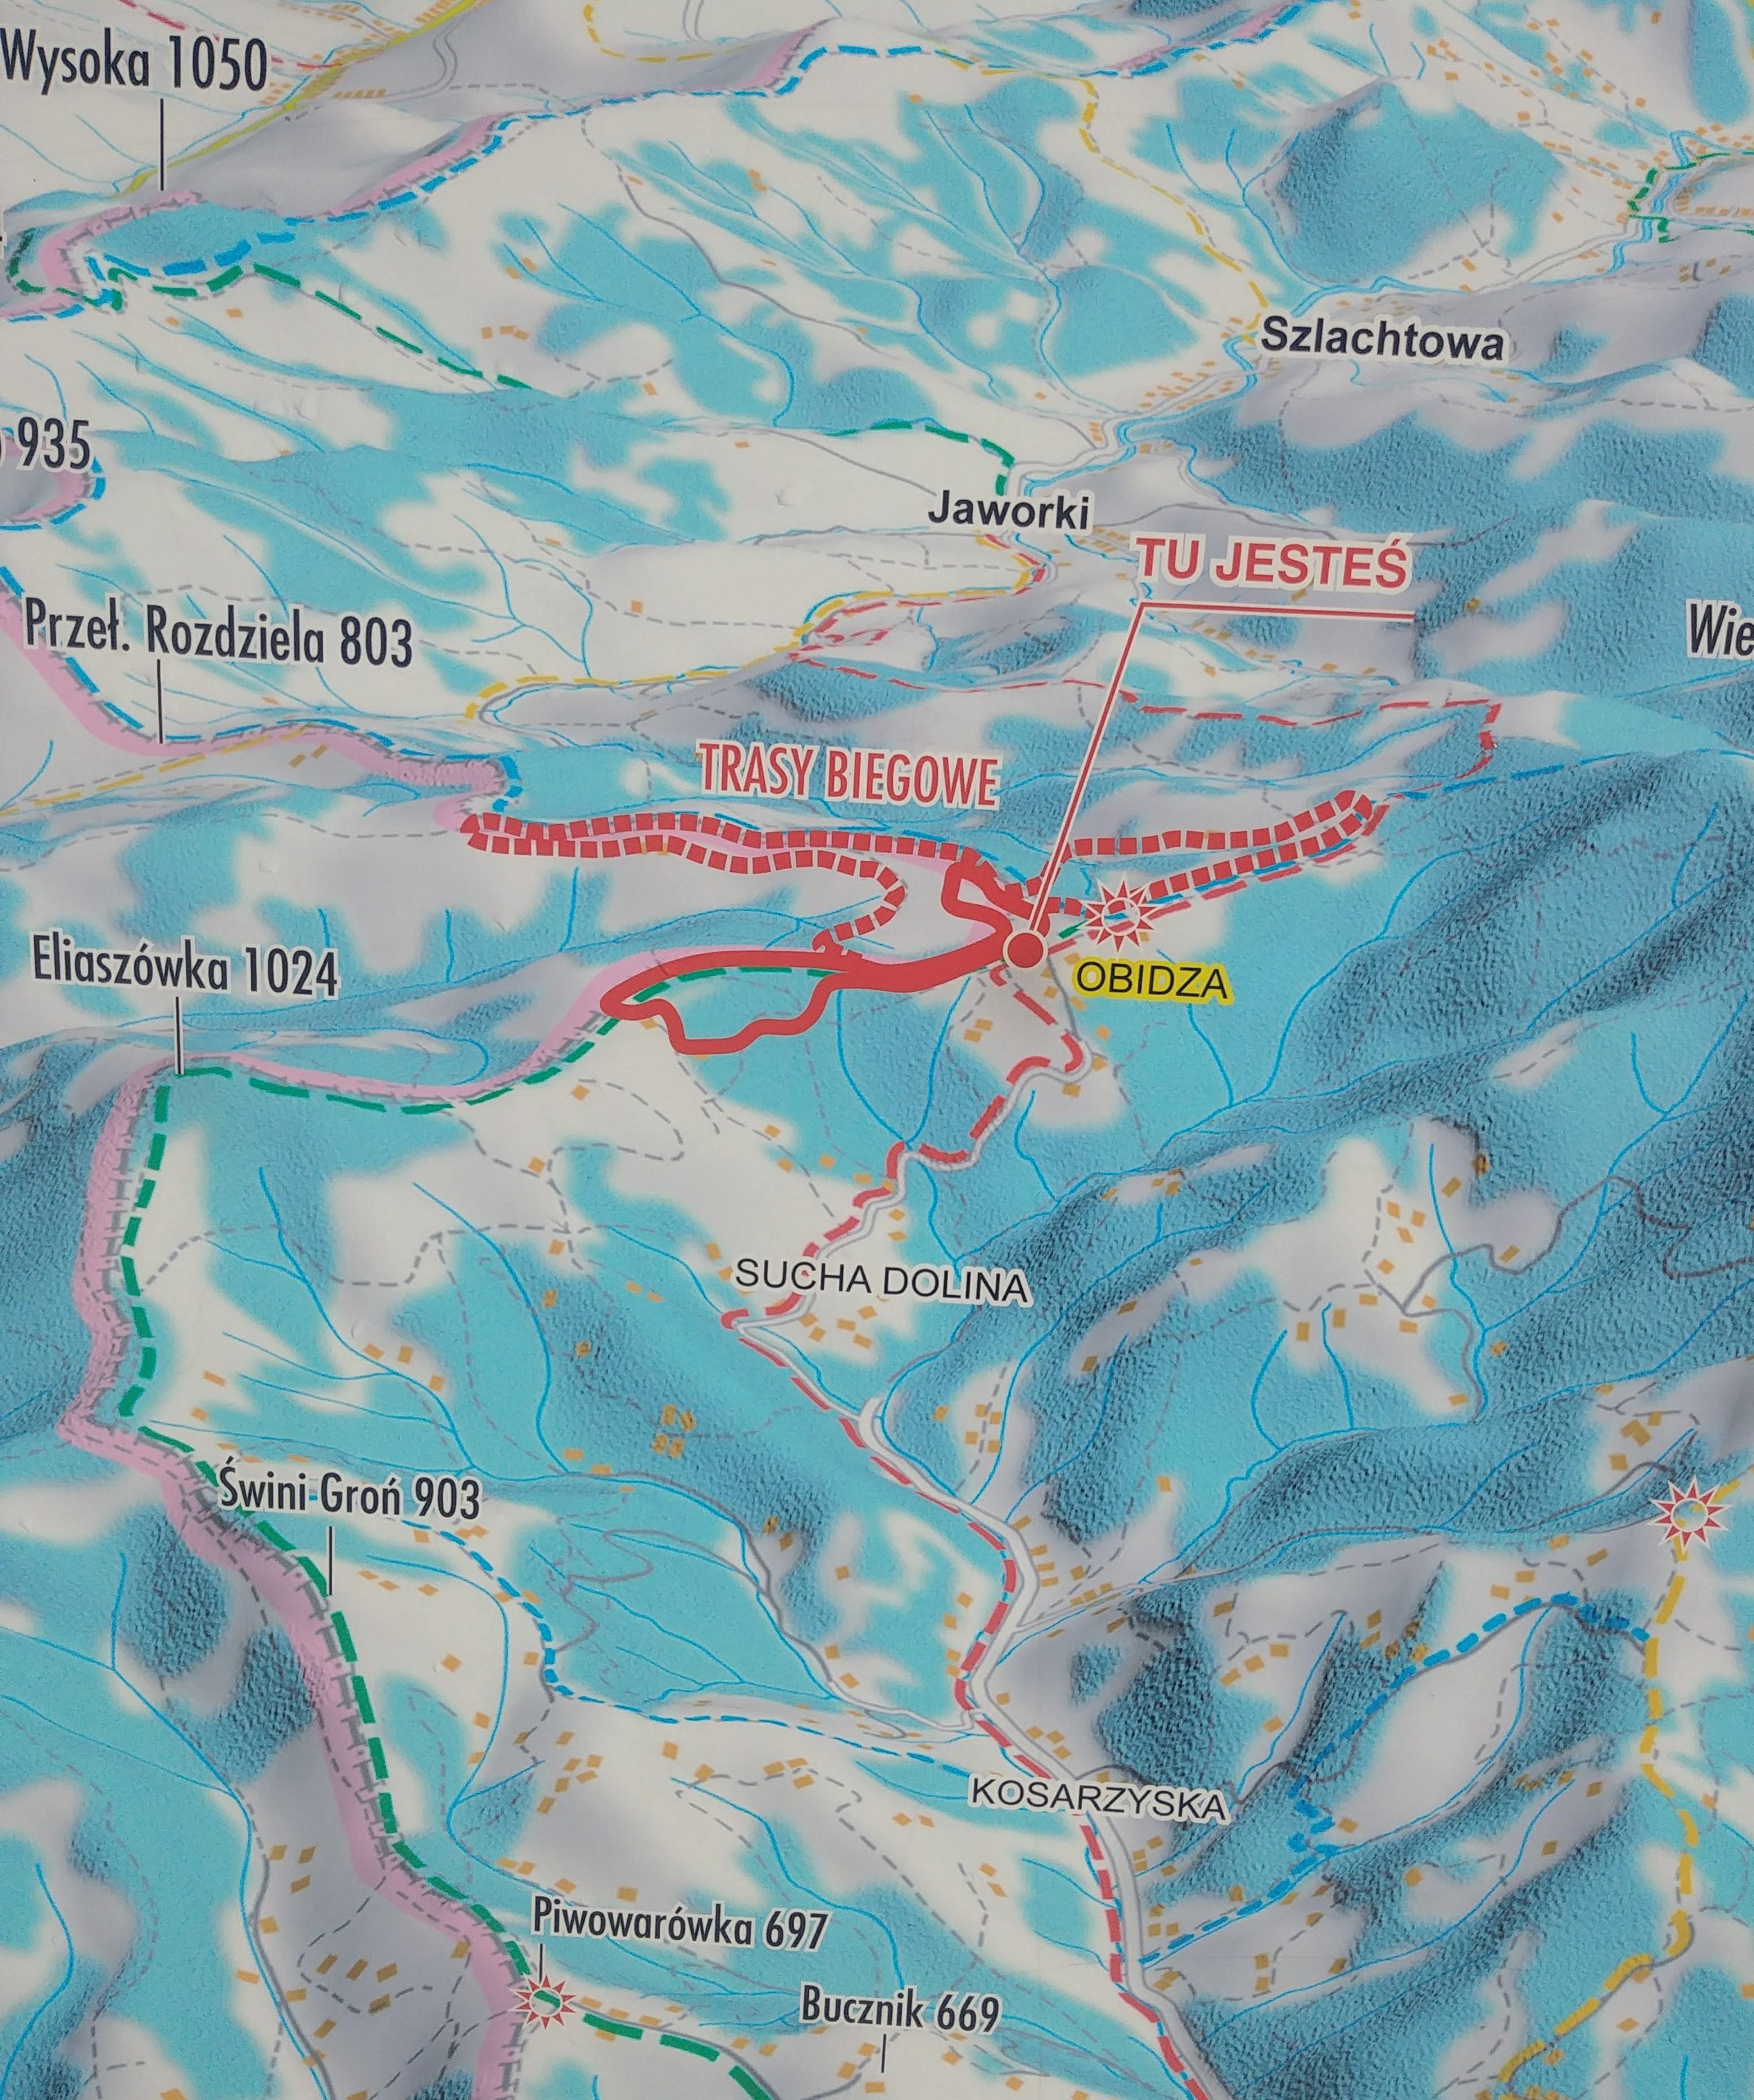 Mapa tras narciarstwa biegowego w Obidzy